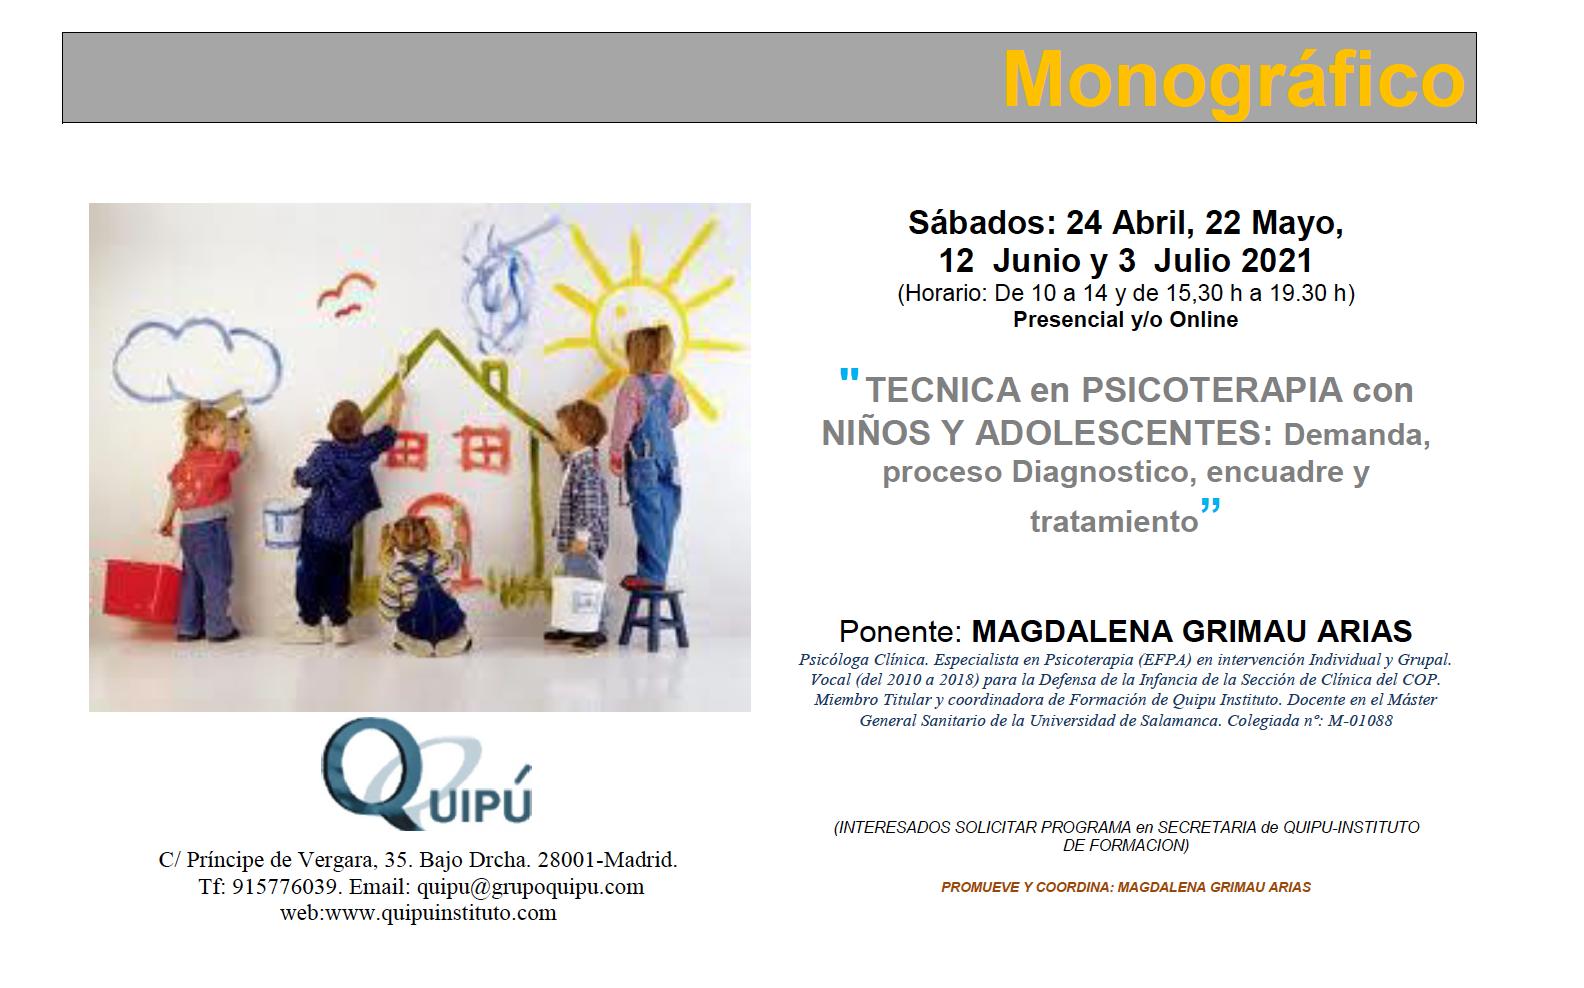 cartel curso monográfico técnica en psicoterapia con niños y adolescentes Quipú formación psicólogos